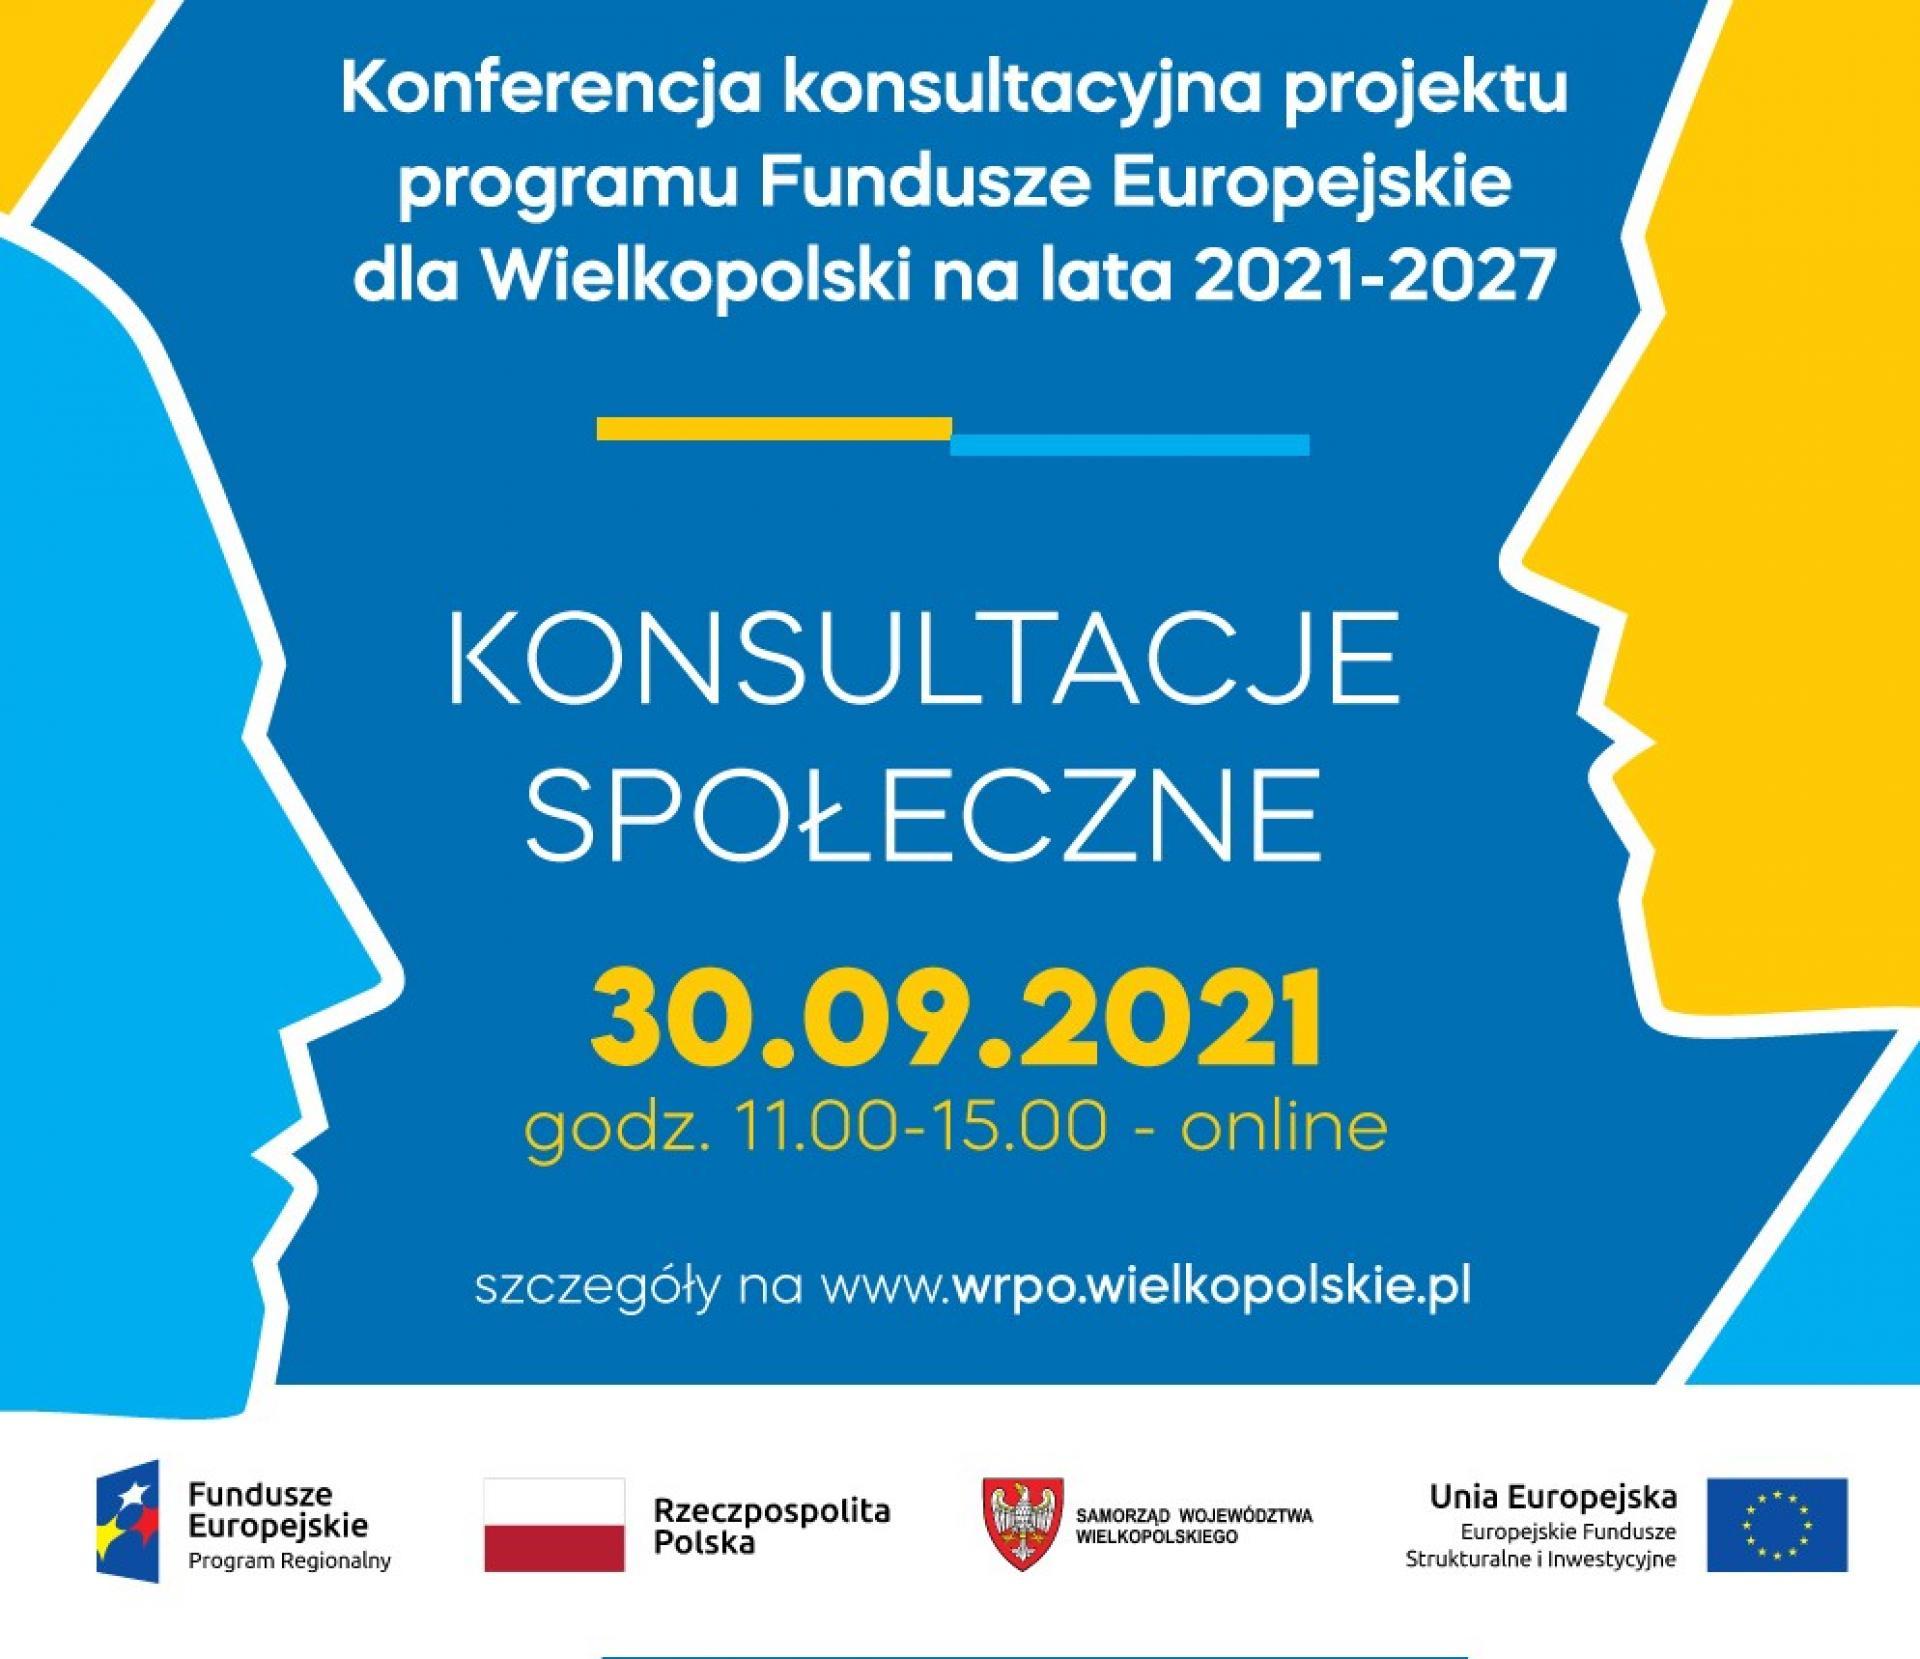 Konferencja konsultacyjna dla projektu Programu Fundusze Europejskie dla Wielkopolski na lata 2021-2027. 30.09.2021 r. - zobacz więcej